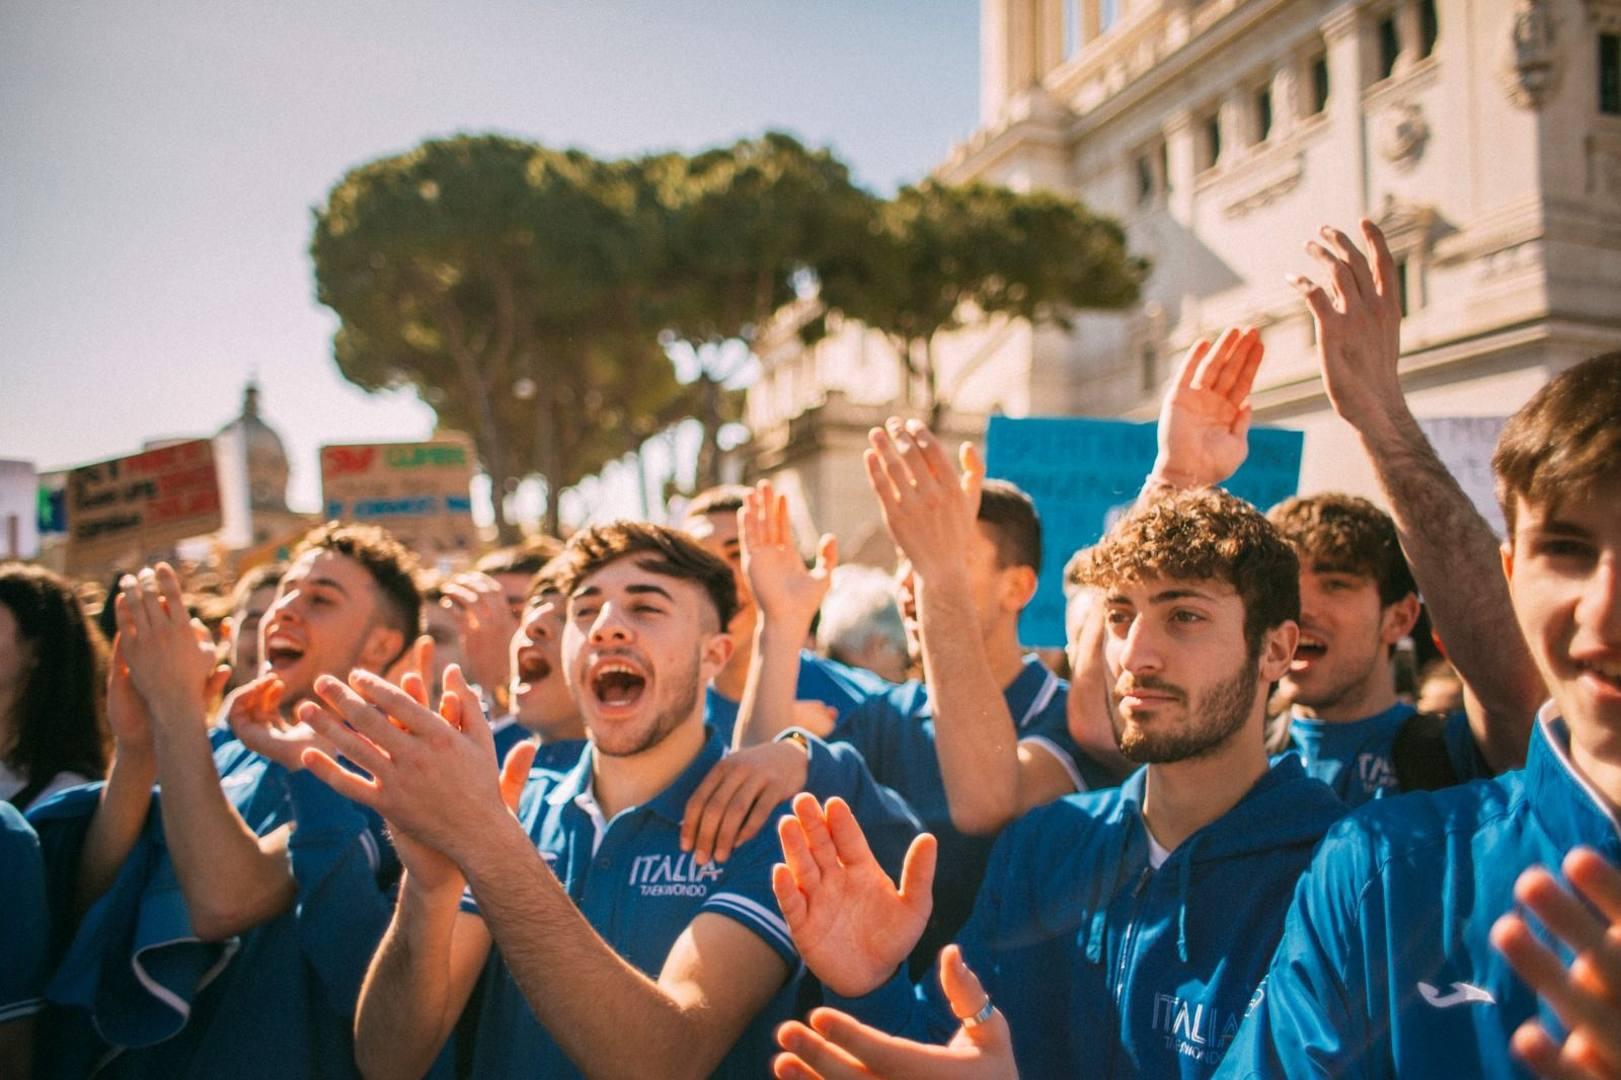 Angelo Cito, presidente della FITA, ha guidato un gruppo di atleti azzurri alla grande manifestazione di Roma a sostegno di Fridays for Future. Immagini ed emozioni di una mattinata speciale. Servizio fotografico di R. Zazzara